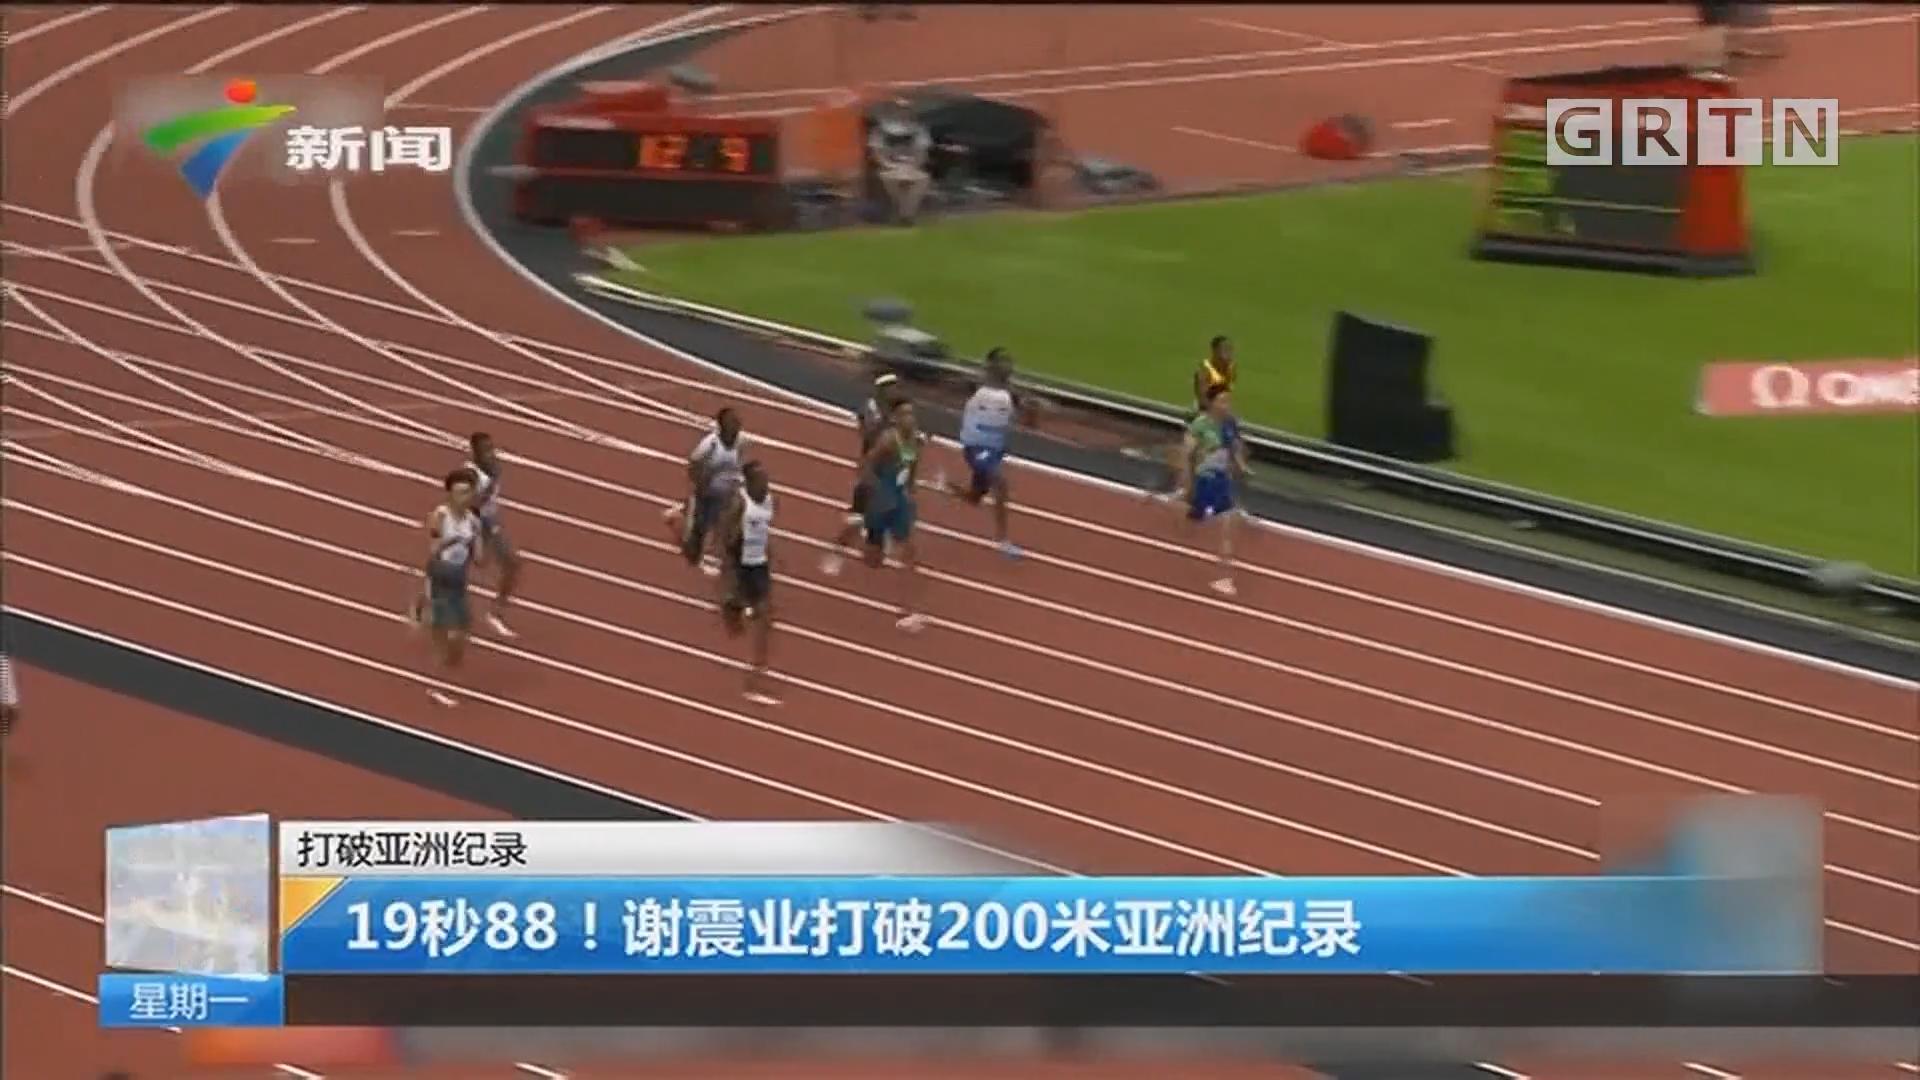 打破亚洲纪录:19秒88!谢震业打破200米亚洲纪录